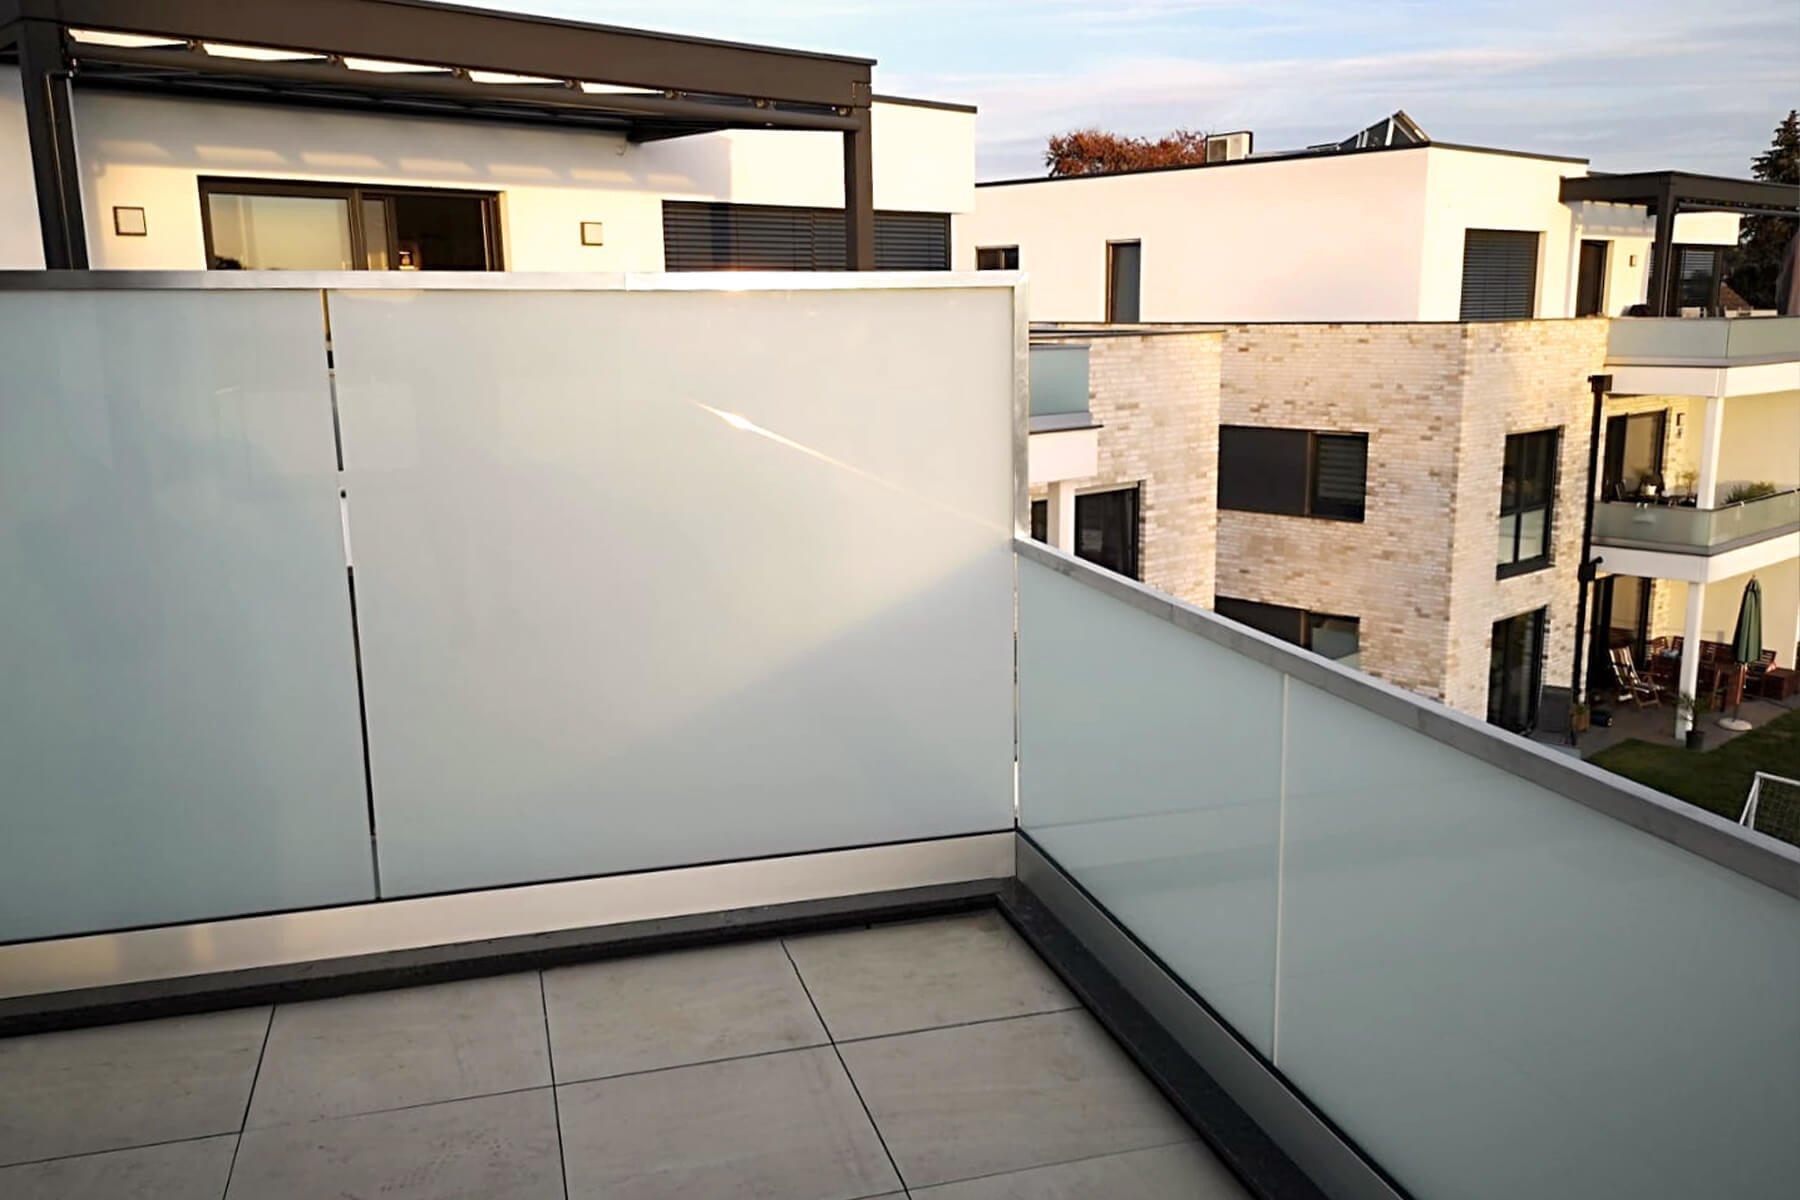 Reling aus Glas für Balkon oder Dachterrasse nach Maß mit Übergang und satiniertem Glas ideal als Sichtschutz